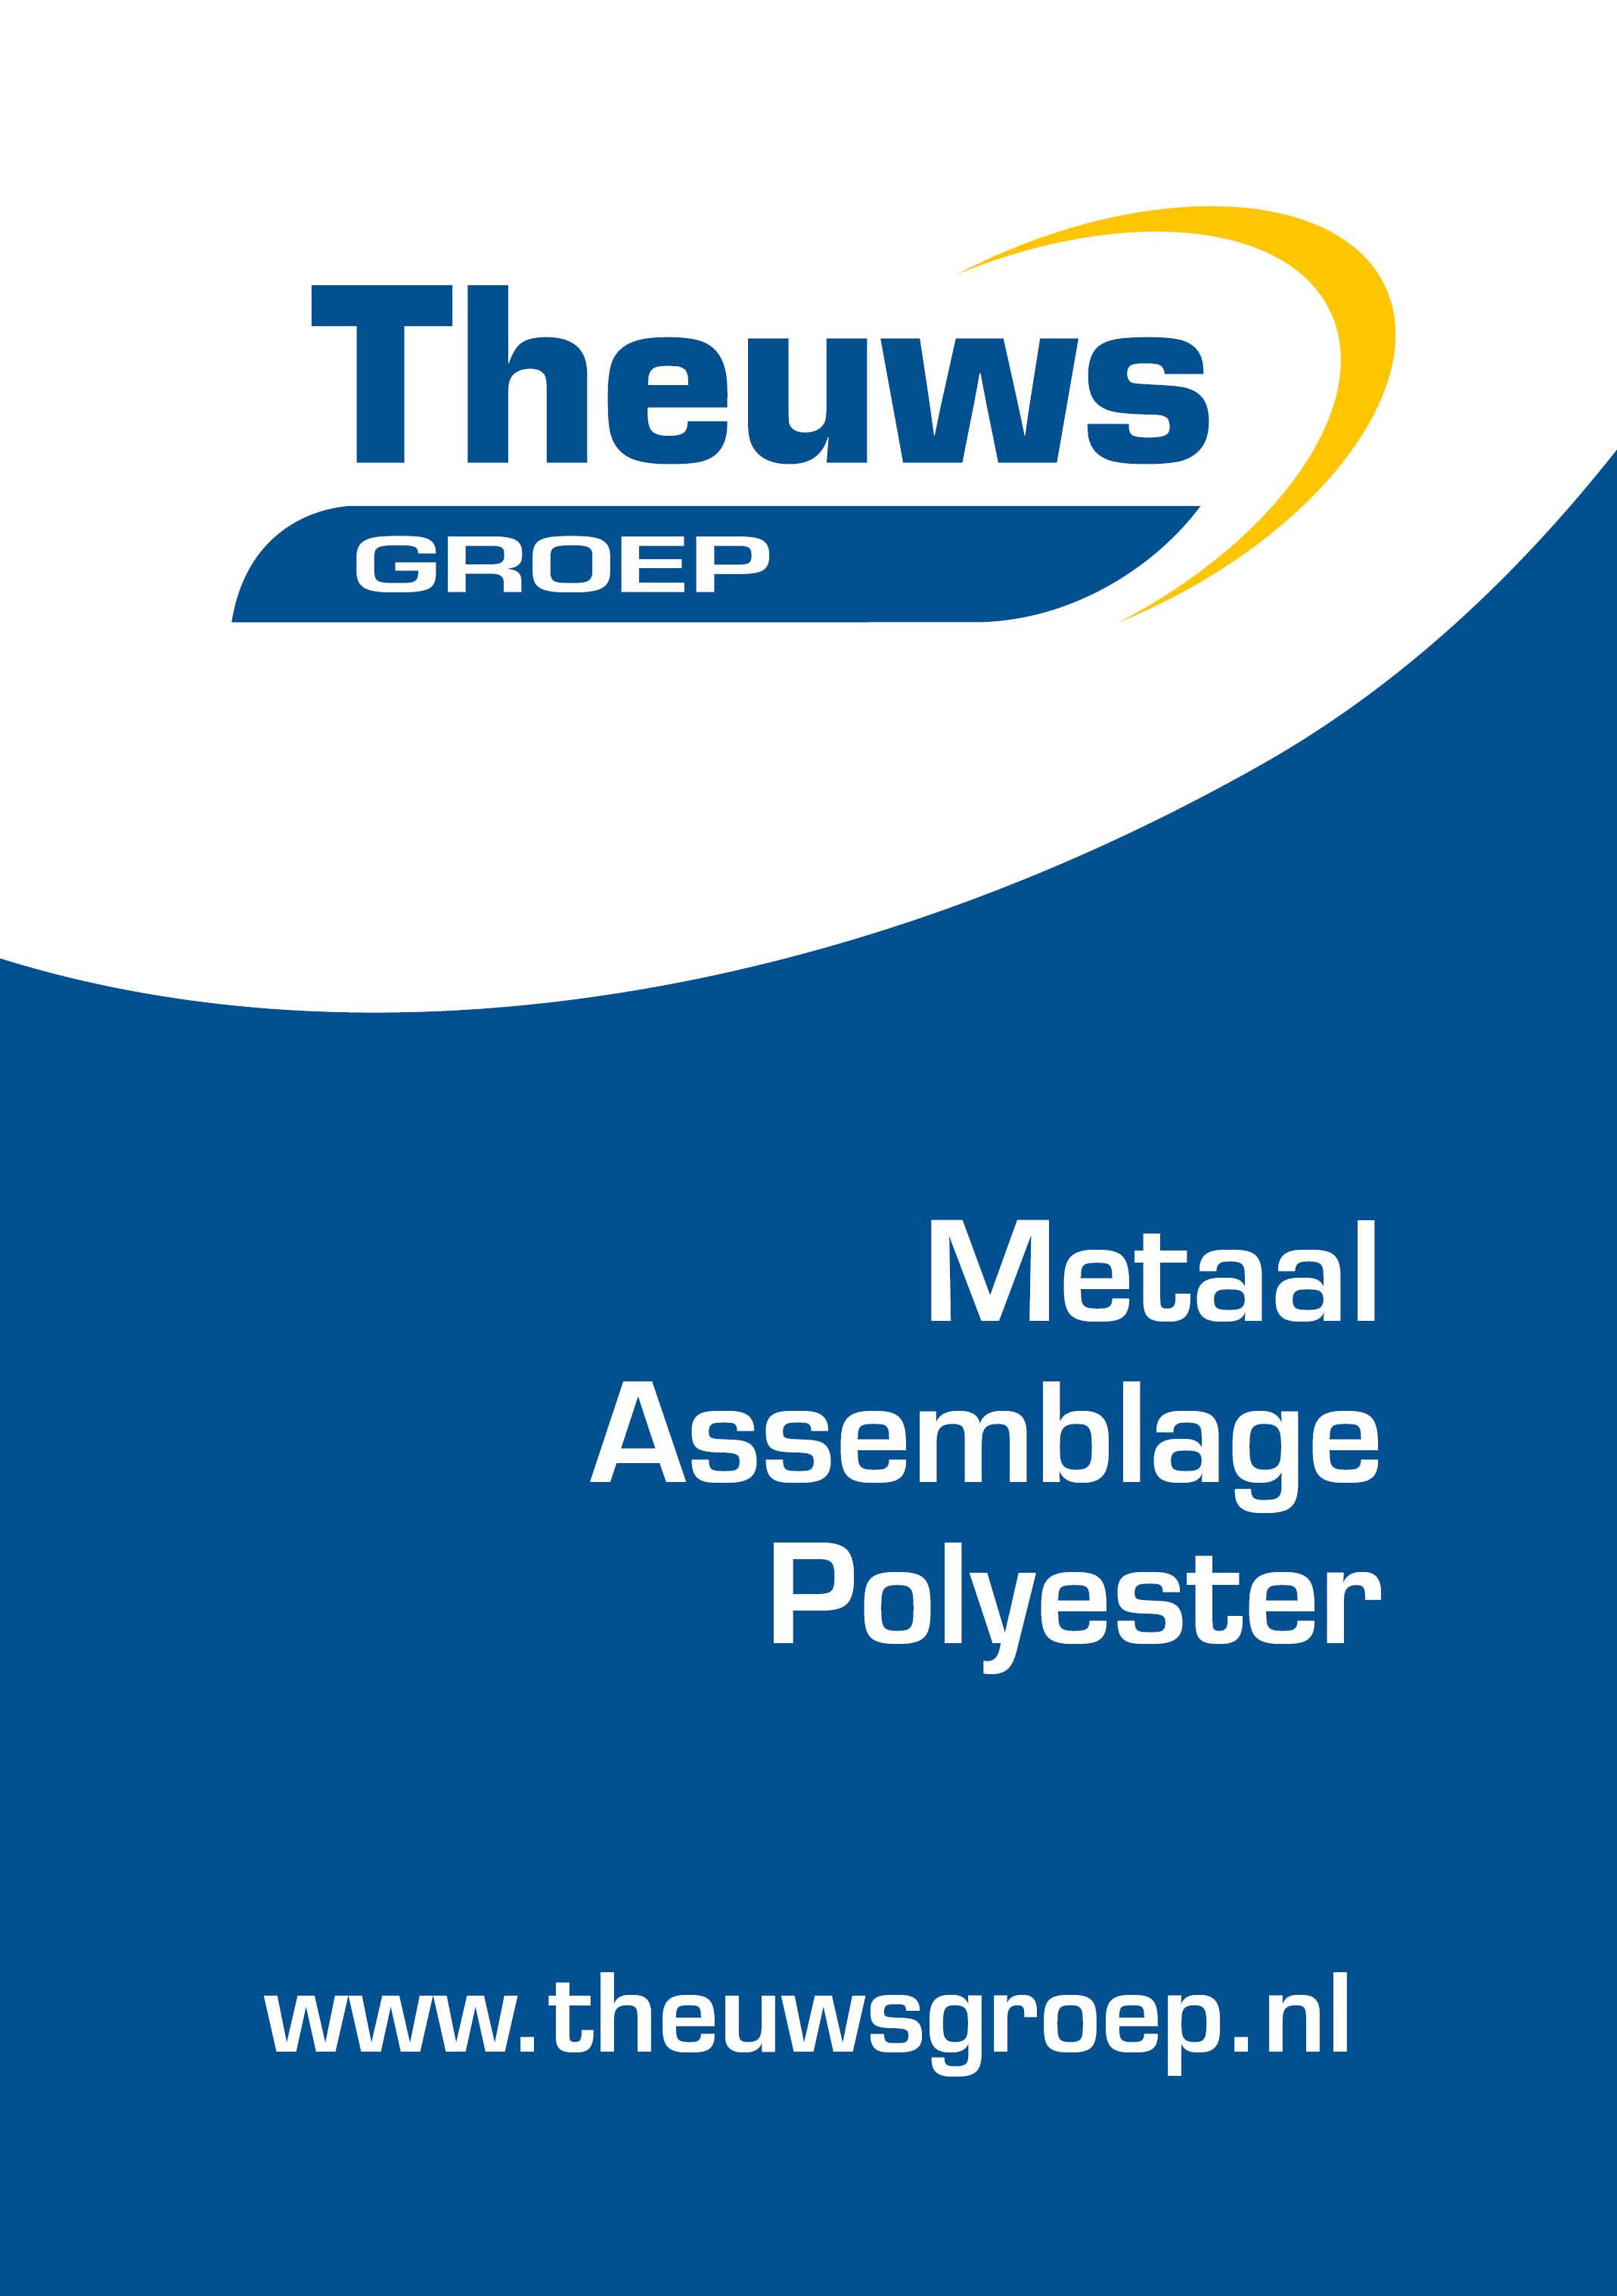 Theuws Groep